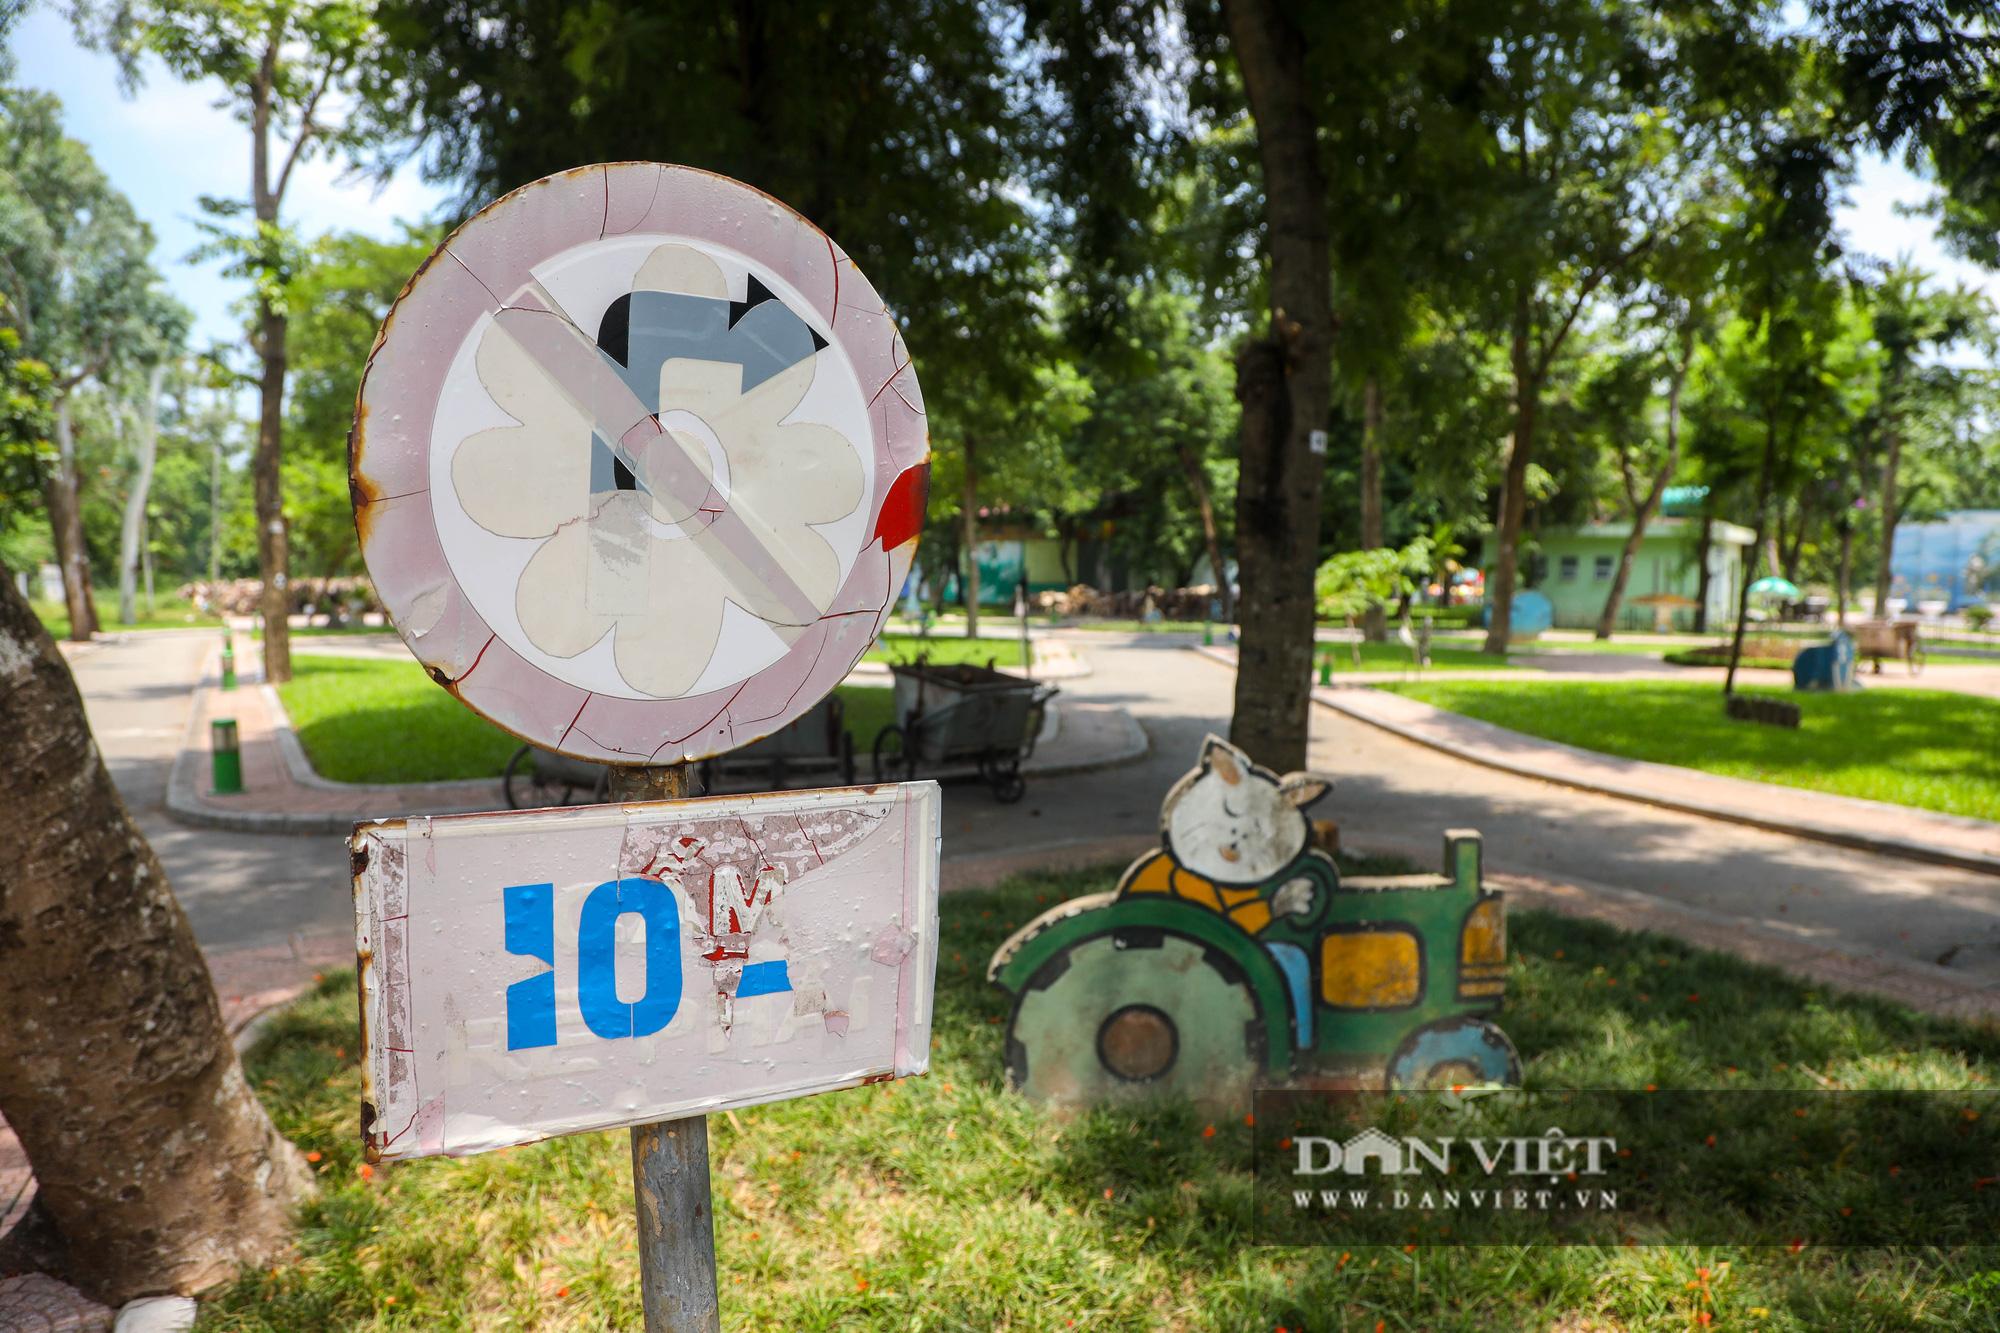 Hà Nội: Nhiều trò chơi trong công viên Thống Nhất ế ẩm, xuống cấp - Ảnh 11.